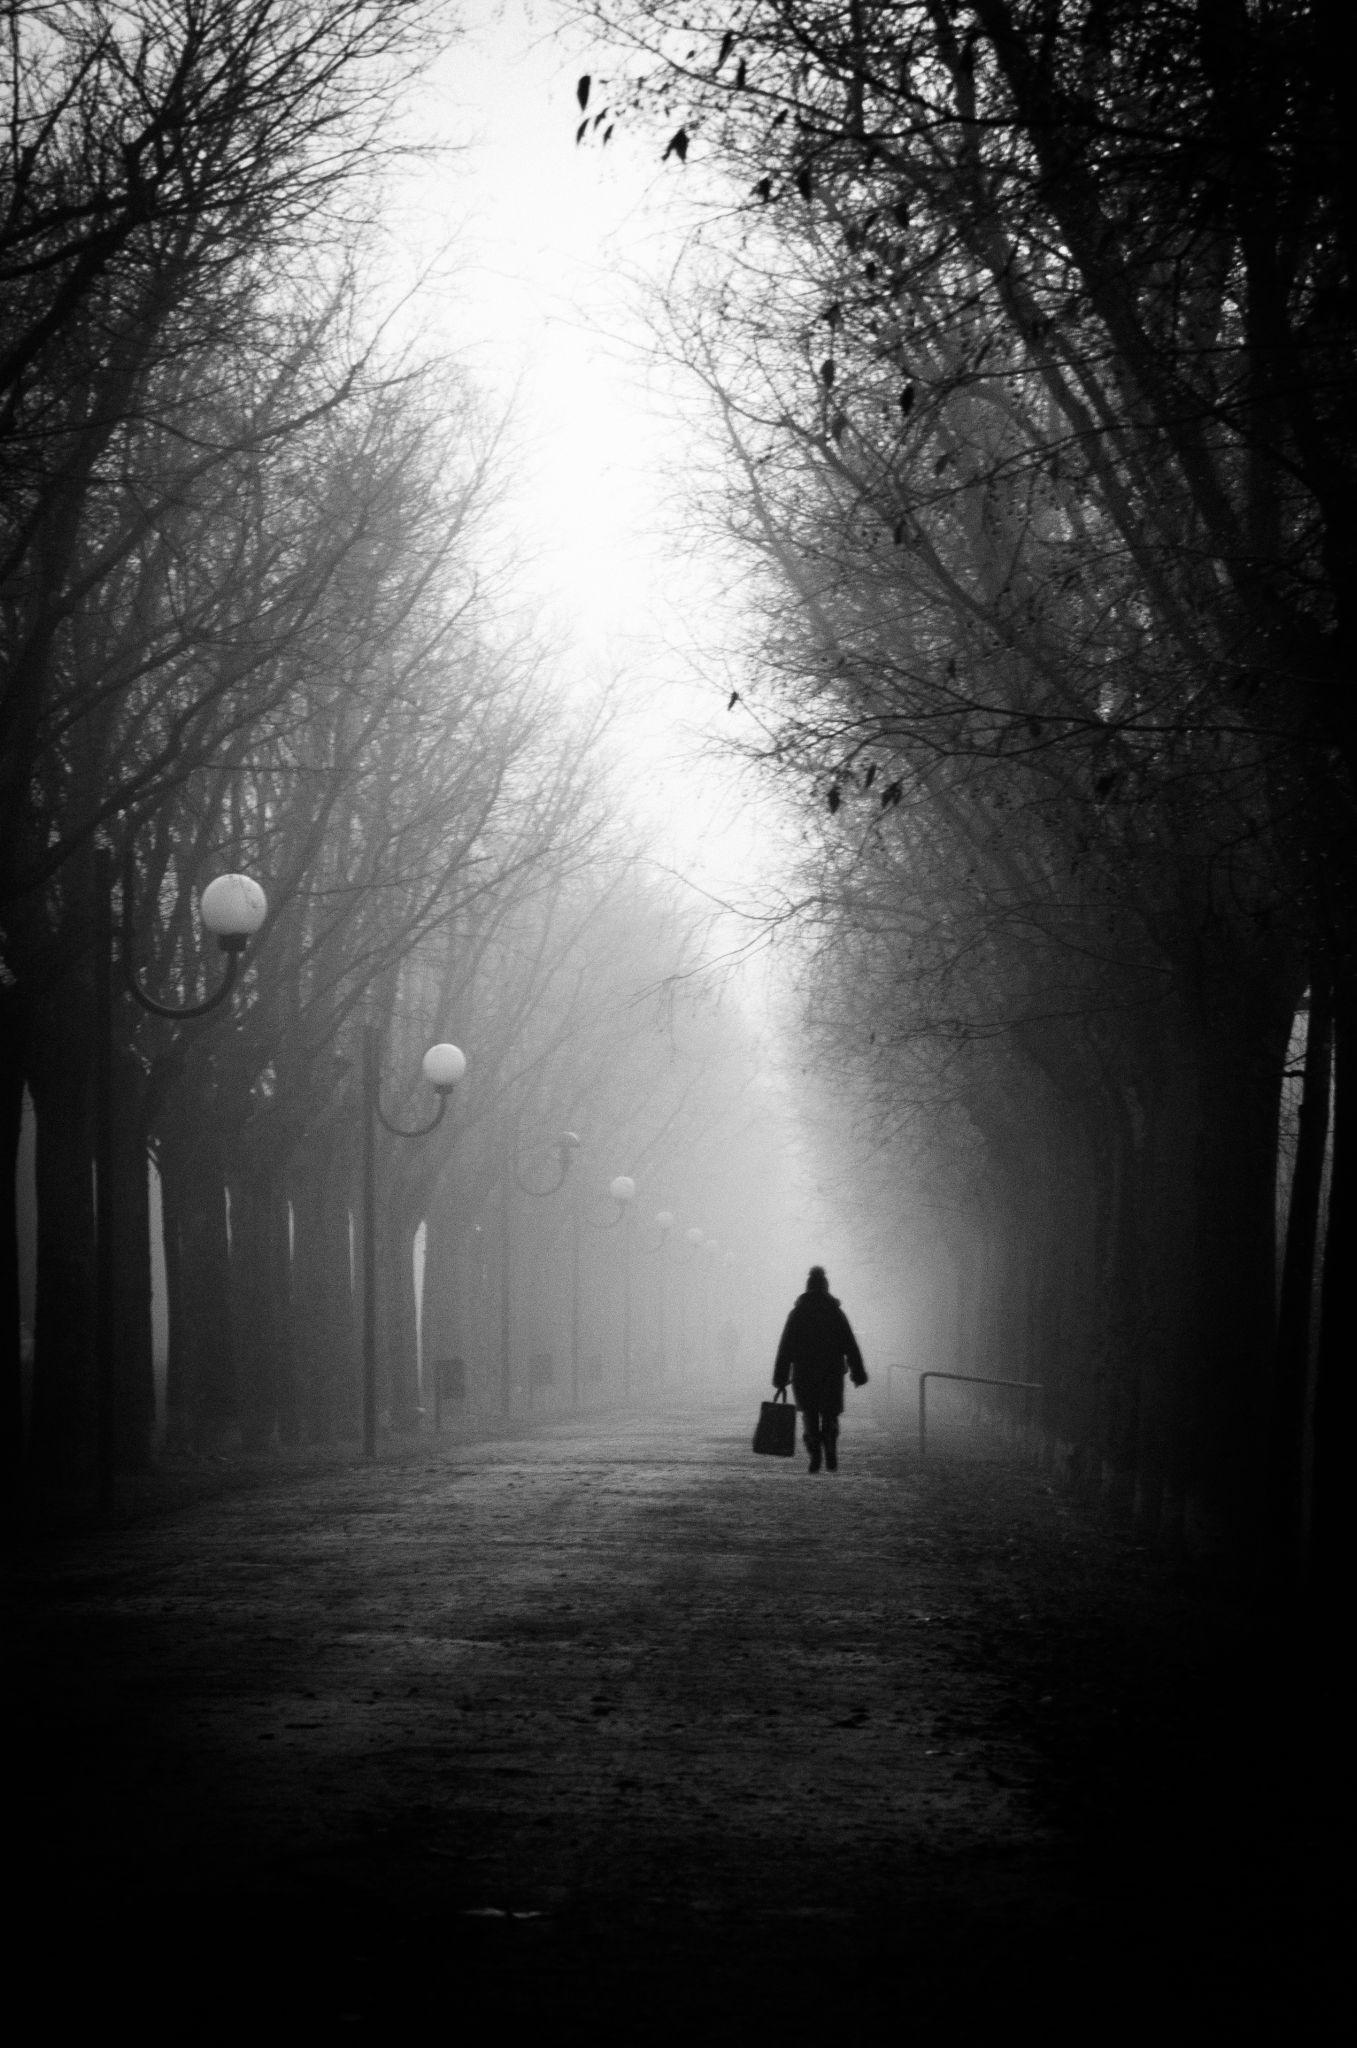 Alone by Mirco Balboni